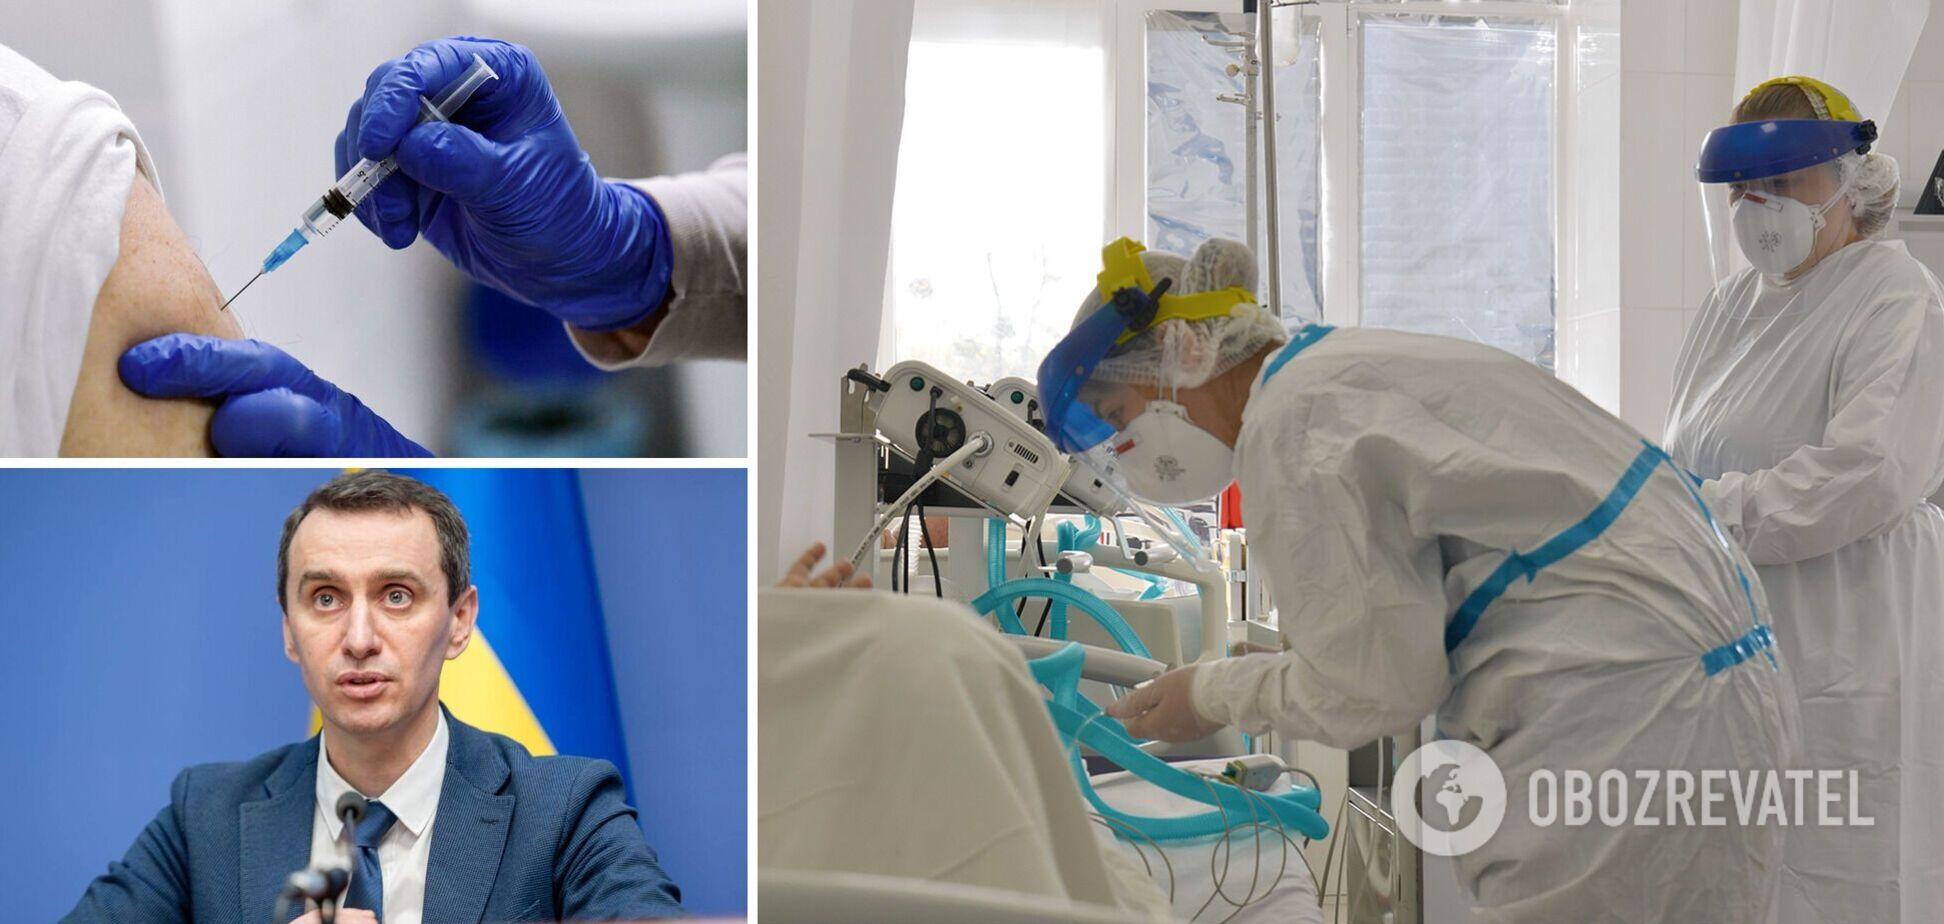 Лікарі пояснили, як МОЗ провалив вакцинацію від коронавируса